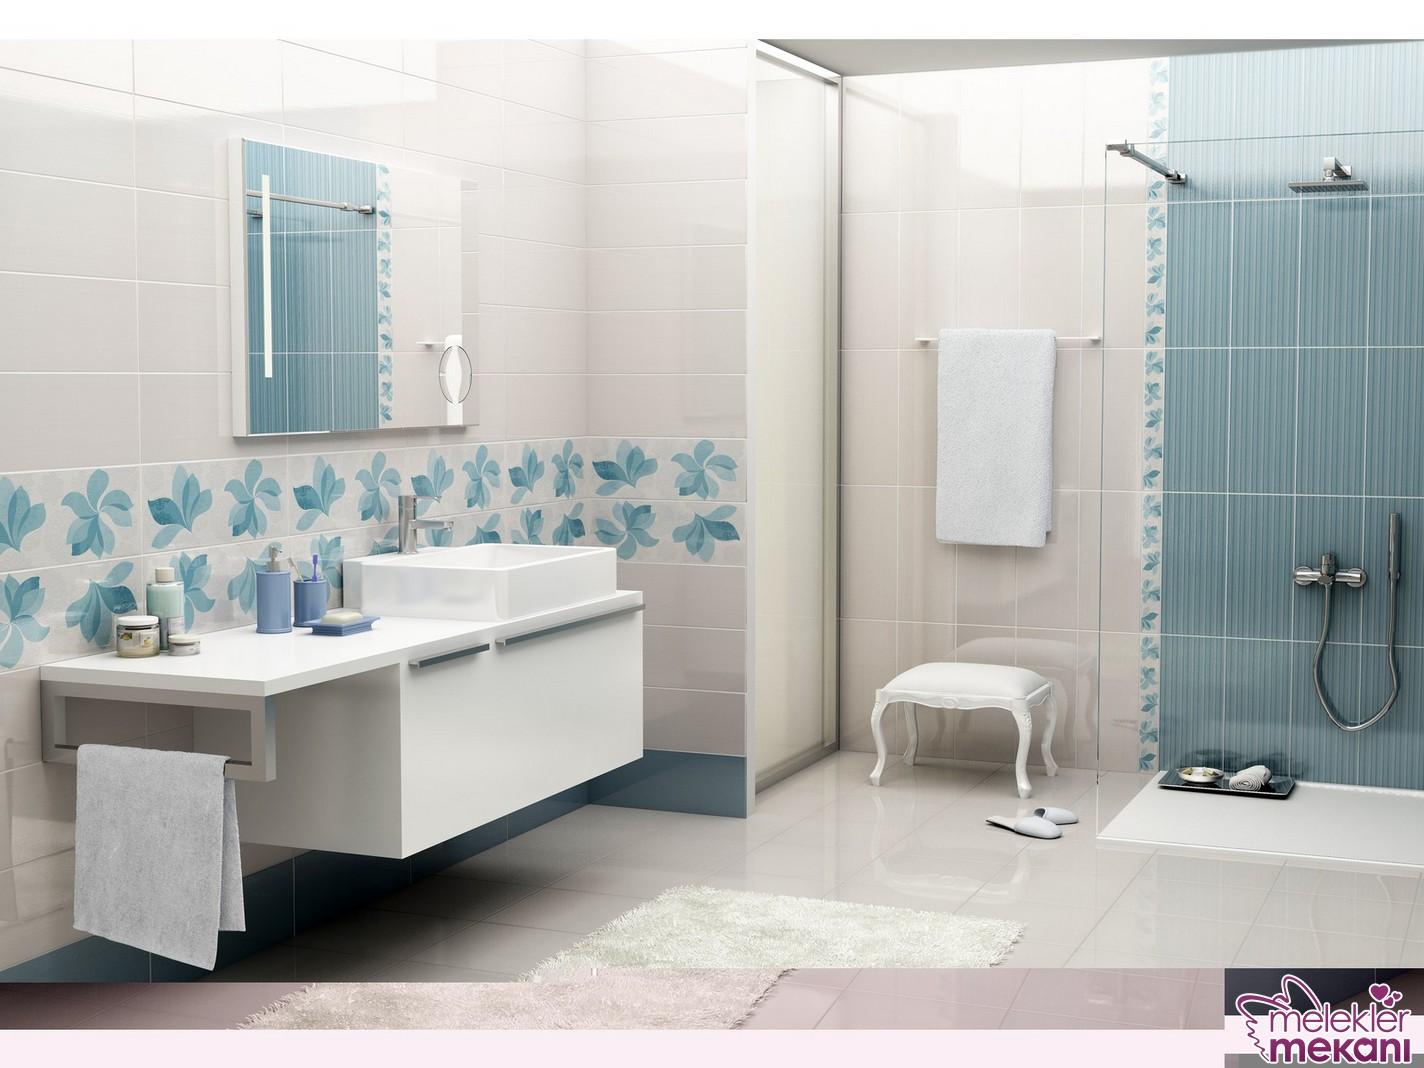 Kalebodur önerilerinde en yeni modeller ile trend banyo dekorasyonu gerçekleştirebilmeniz mümkün.